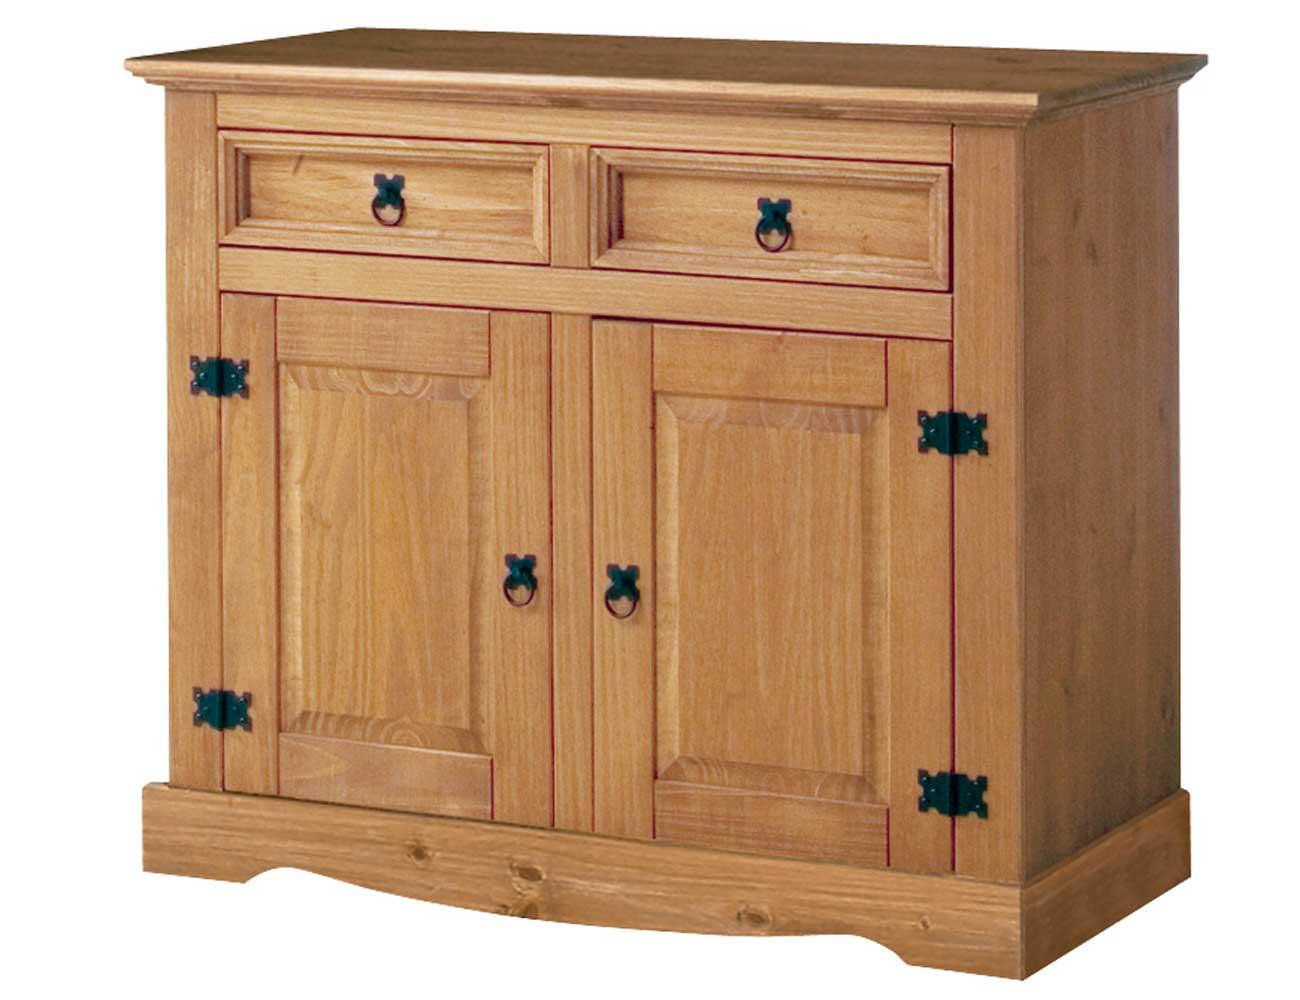 Aparador madera pino rustico 2 puertas 2 cajones